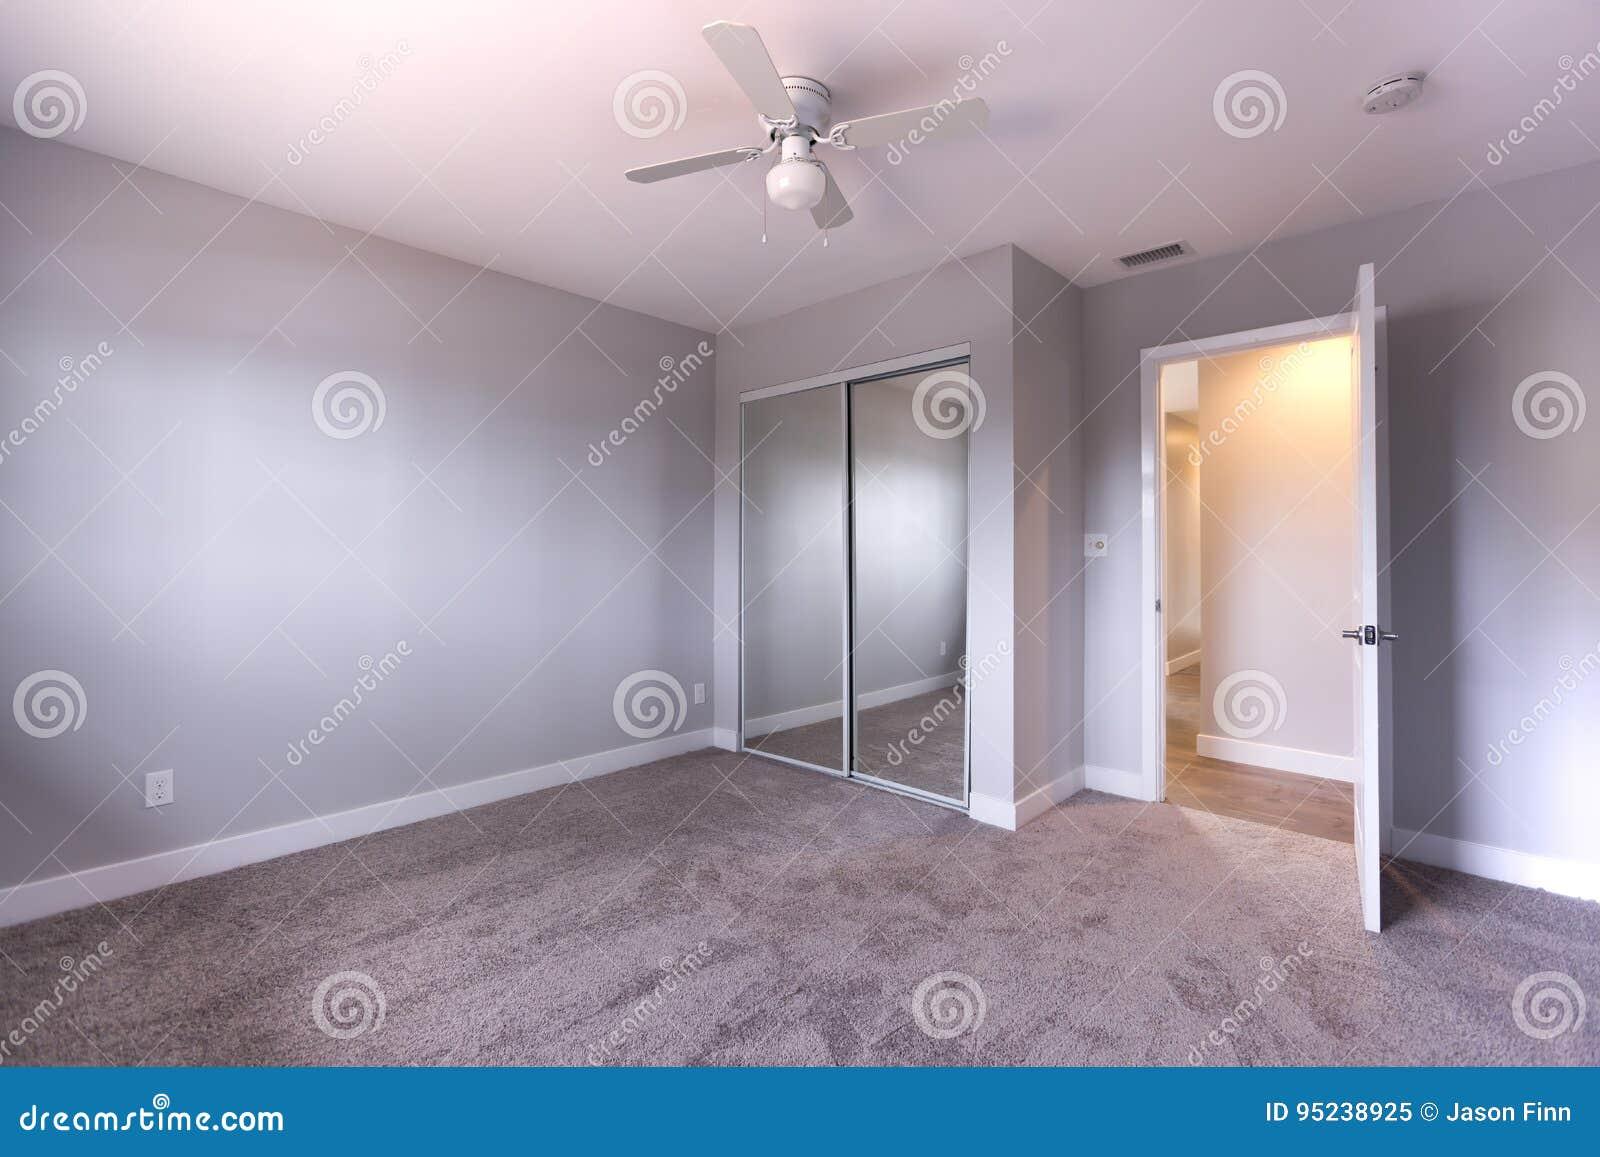 Slaapkamer Met Tapijt : Lege slaapkamer met blauw muren en tapijt stock afbeelding